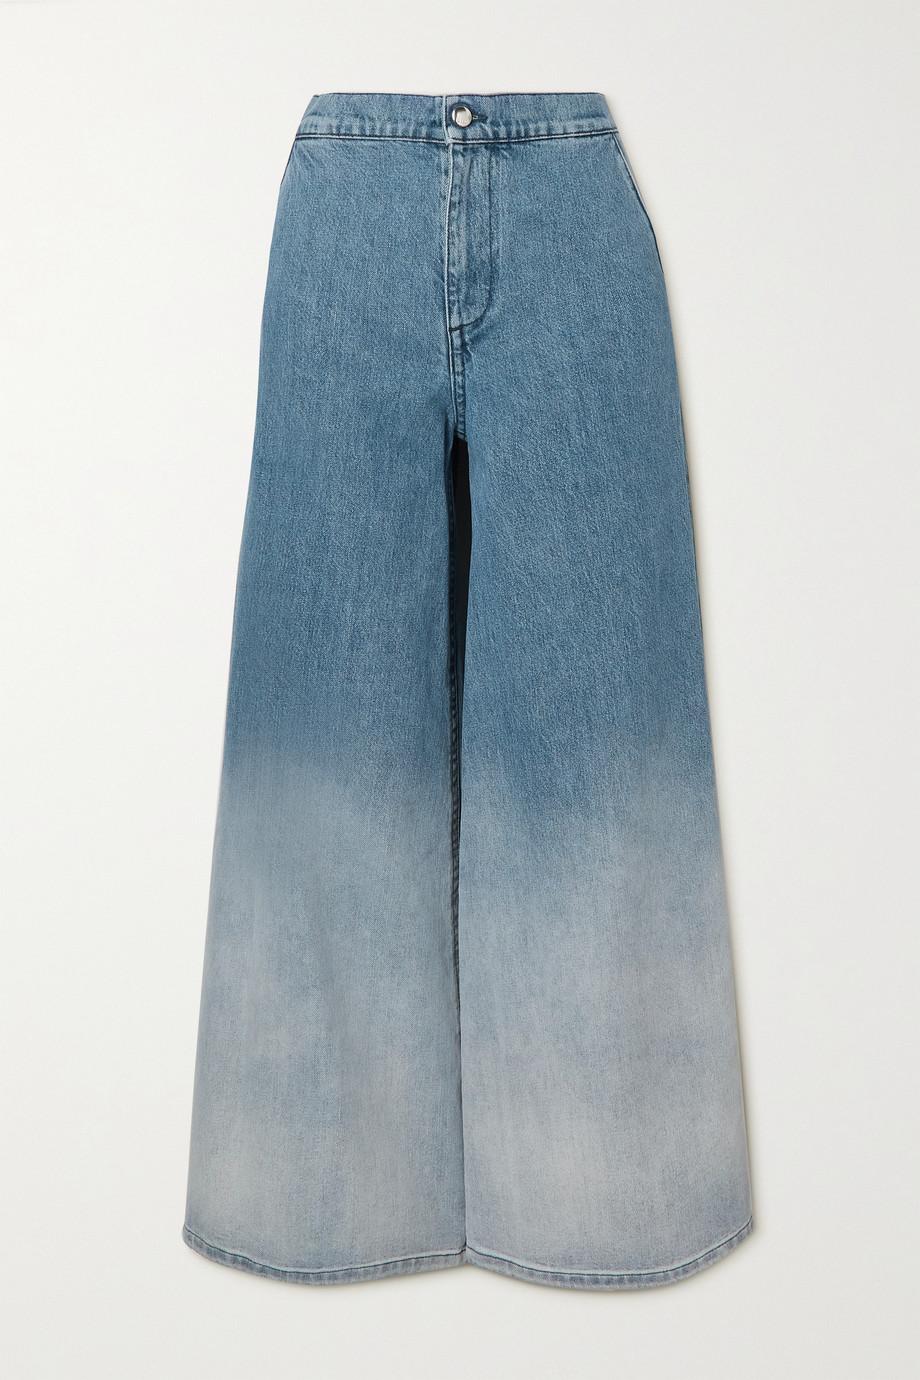 Marni Jean large taille haute ombré